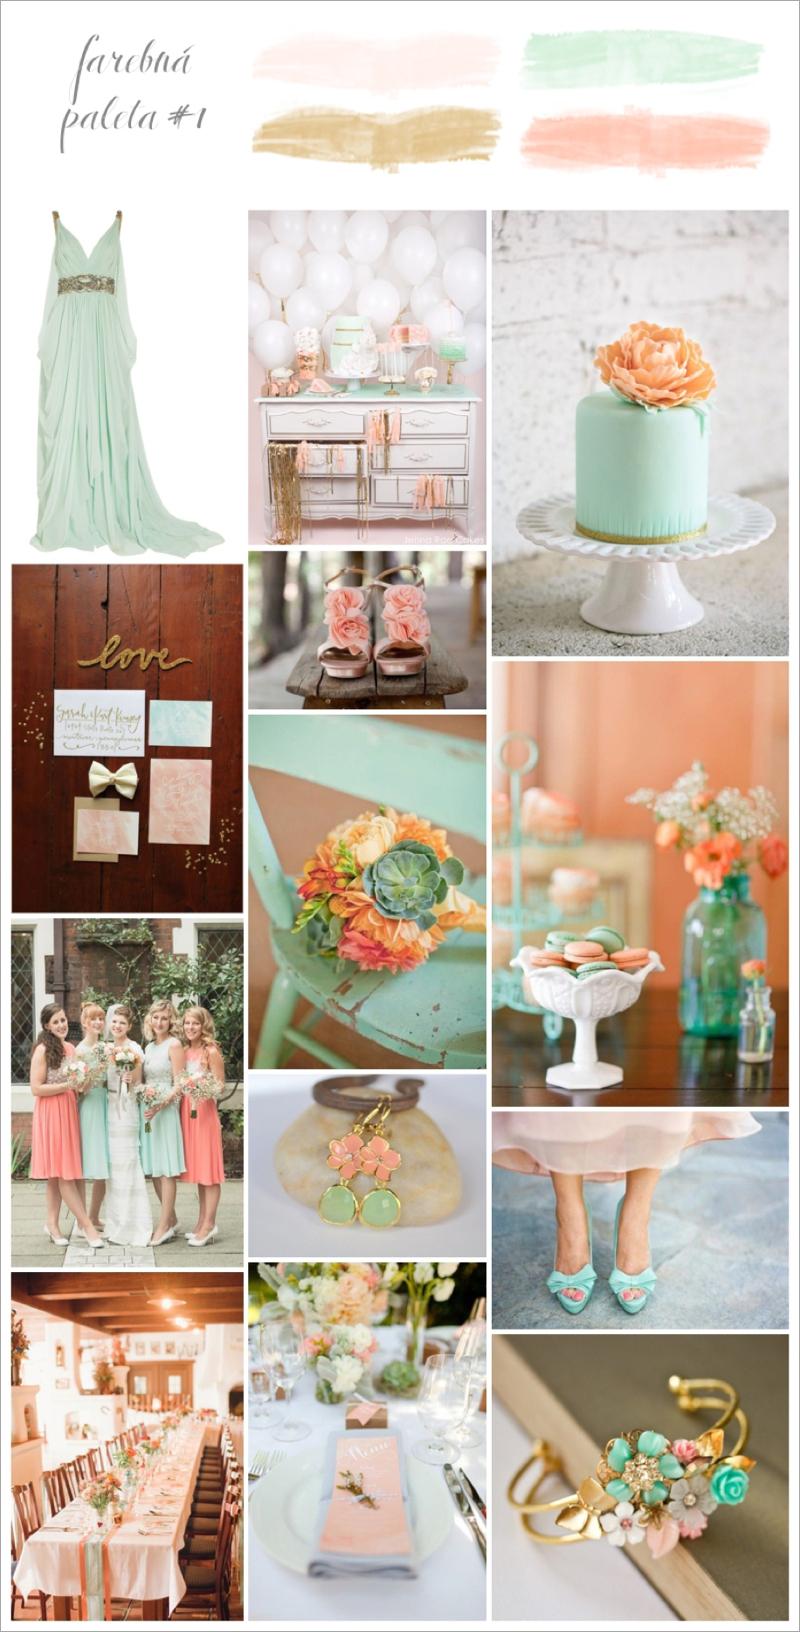 Perfect Day, svadba, farebna paleta 1